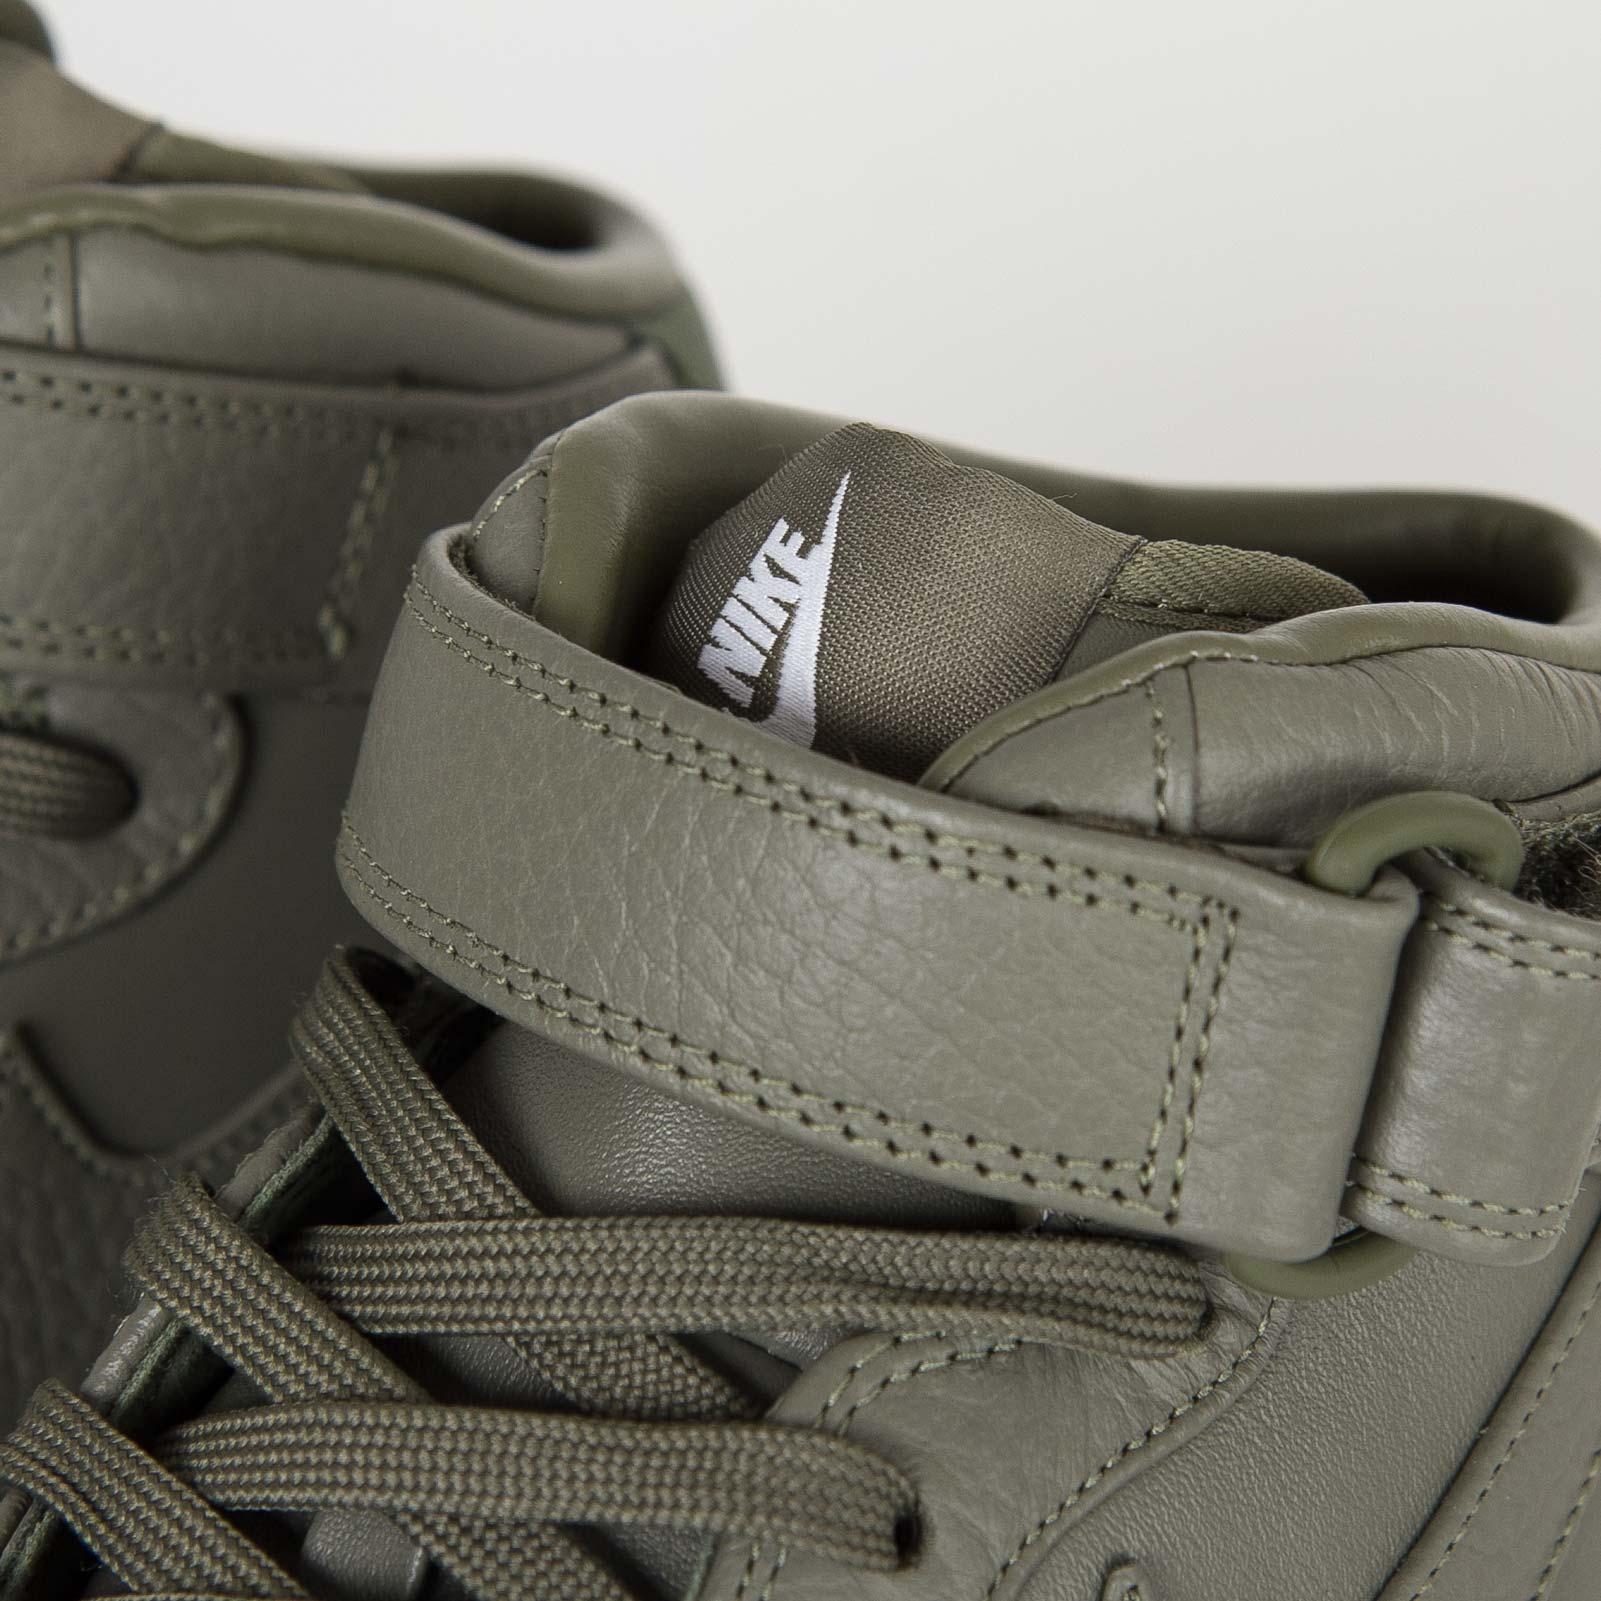 the latest 25c45 af193 Nike NikeLab Air Force 1 Mid - 819677-300 - Sneakersnstuff   sneakers    streetwear online since 1999